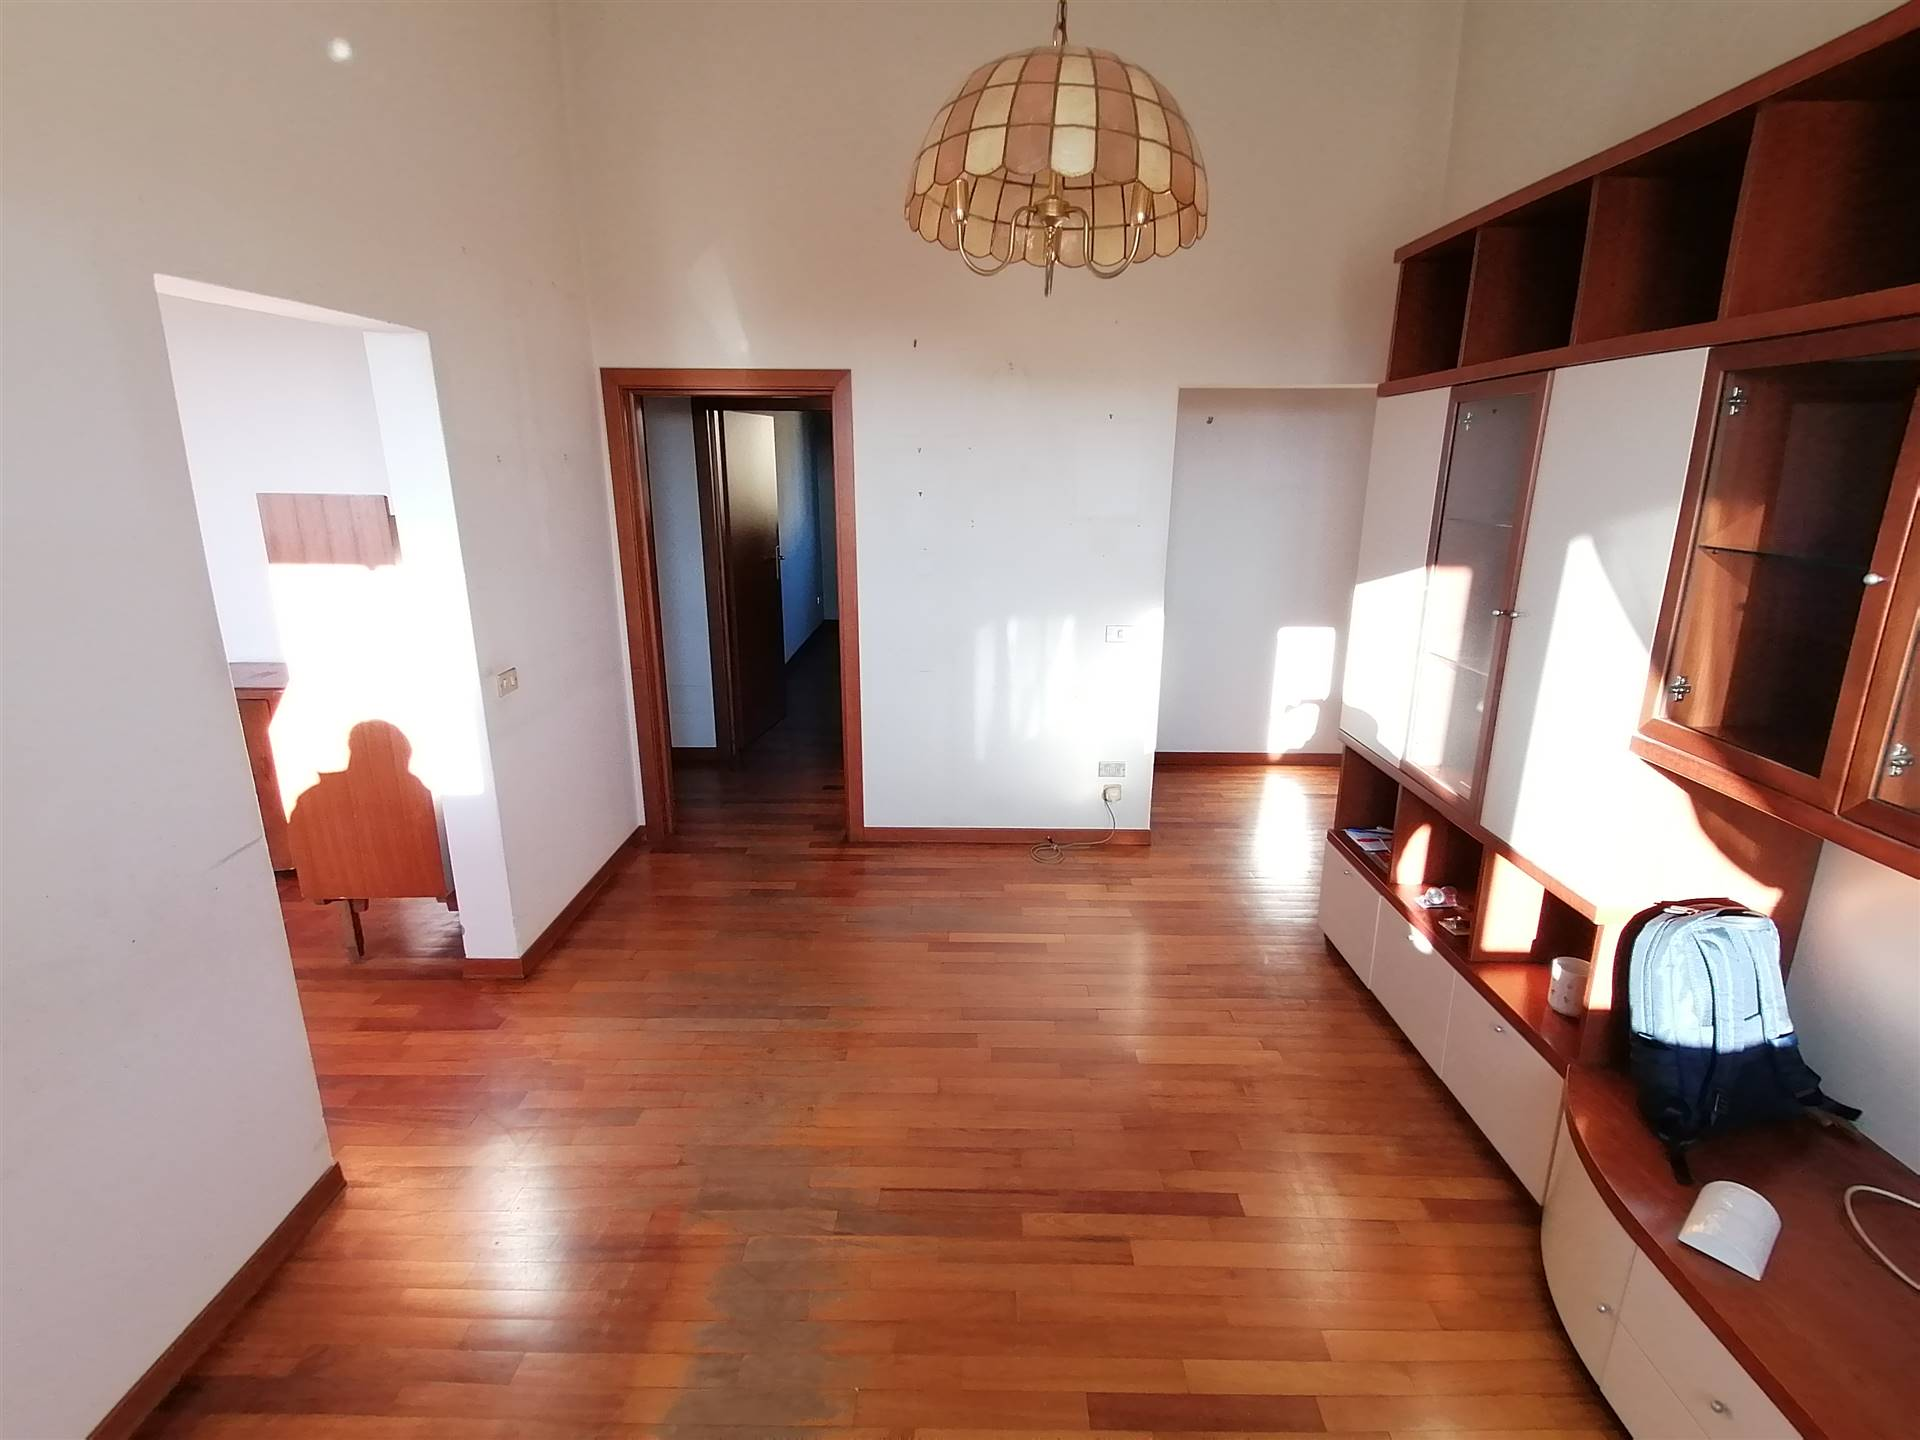 Appartamento a Prato - galceti - 01, Foto